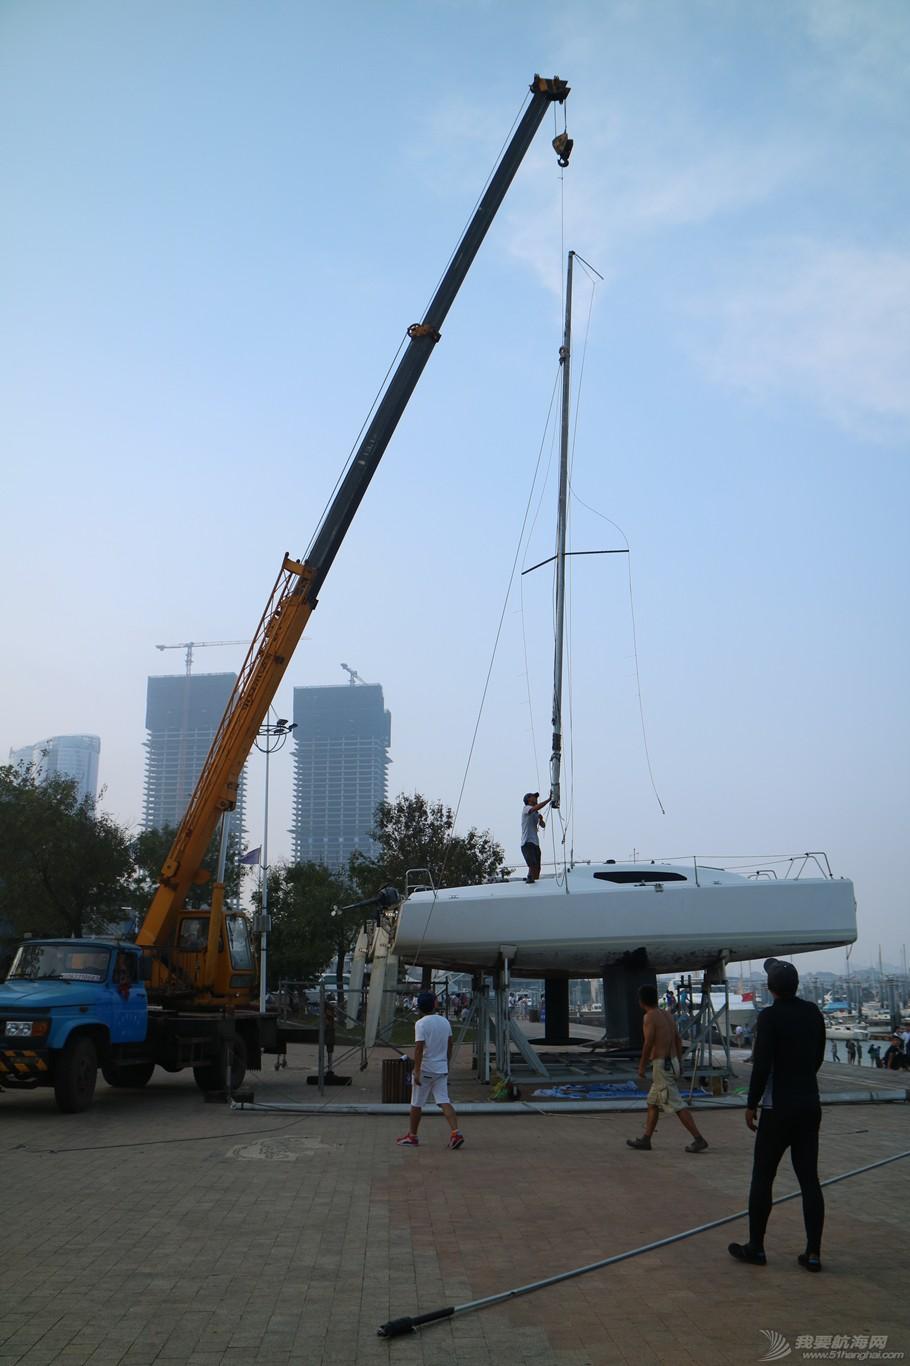 【公益航海志愿者日记@日照】Day34-小别两日返回日照。今日刷船底漆,安装桅杆 IMG_5866_副本.jpg